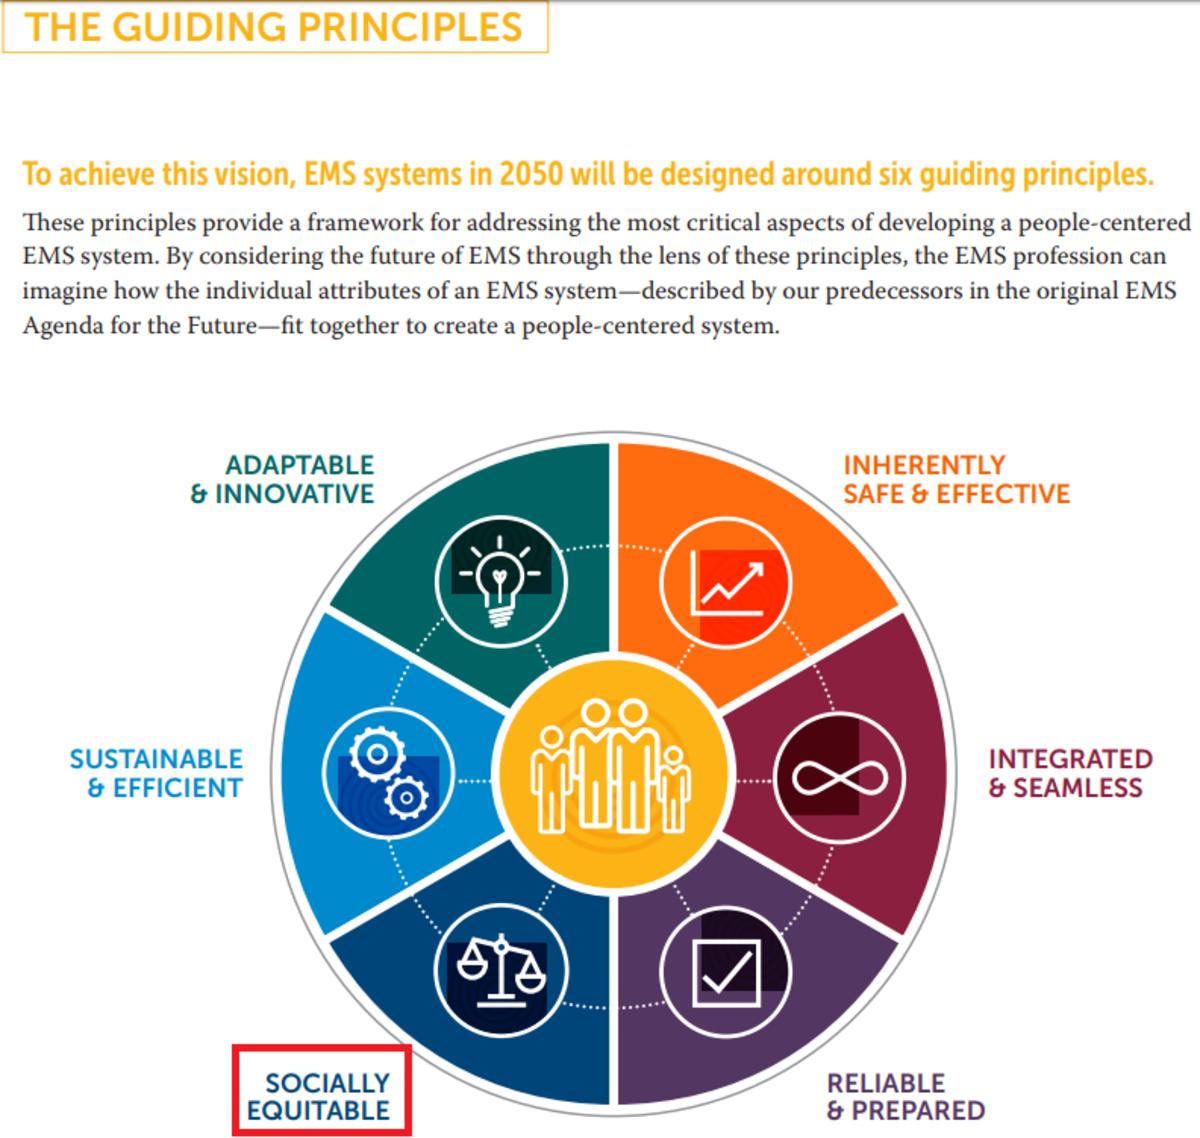 The six guiding principles of EMS Agenda 2050.